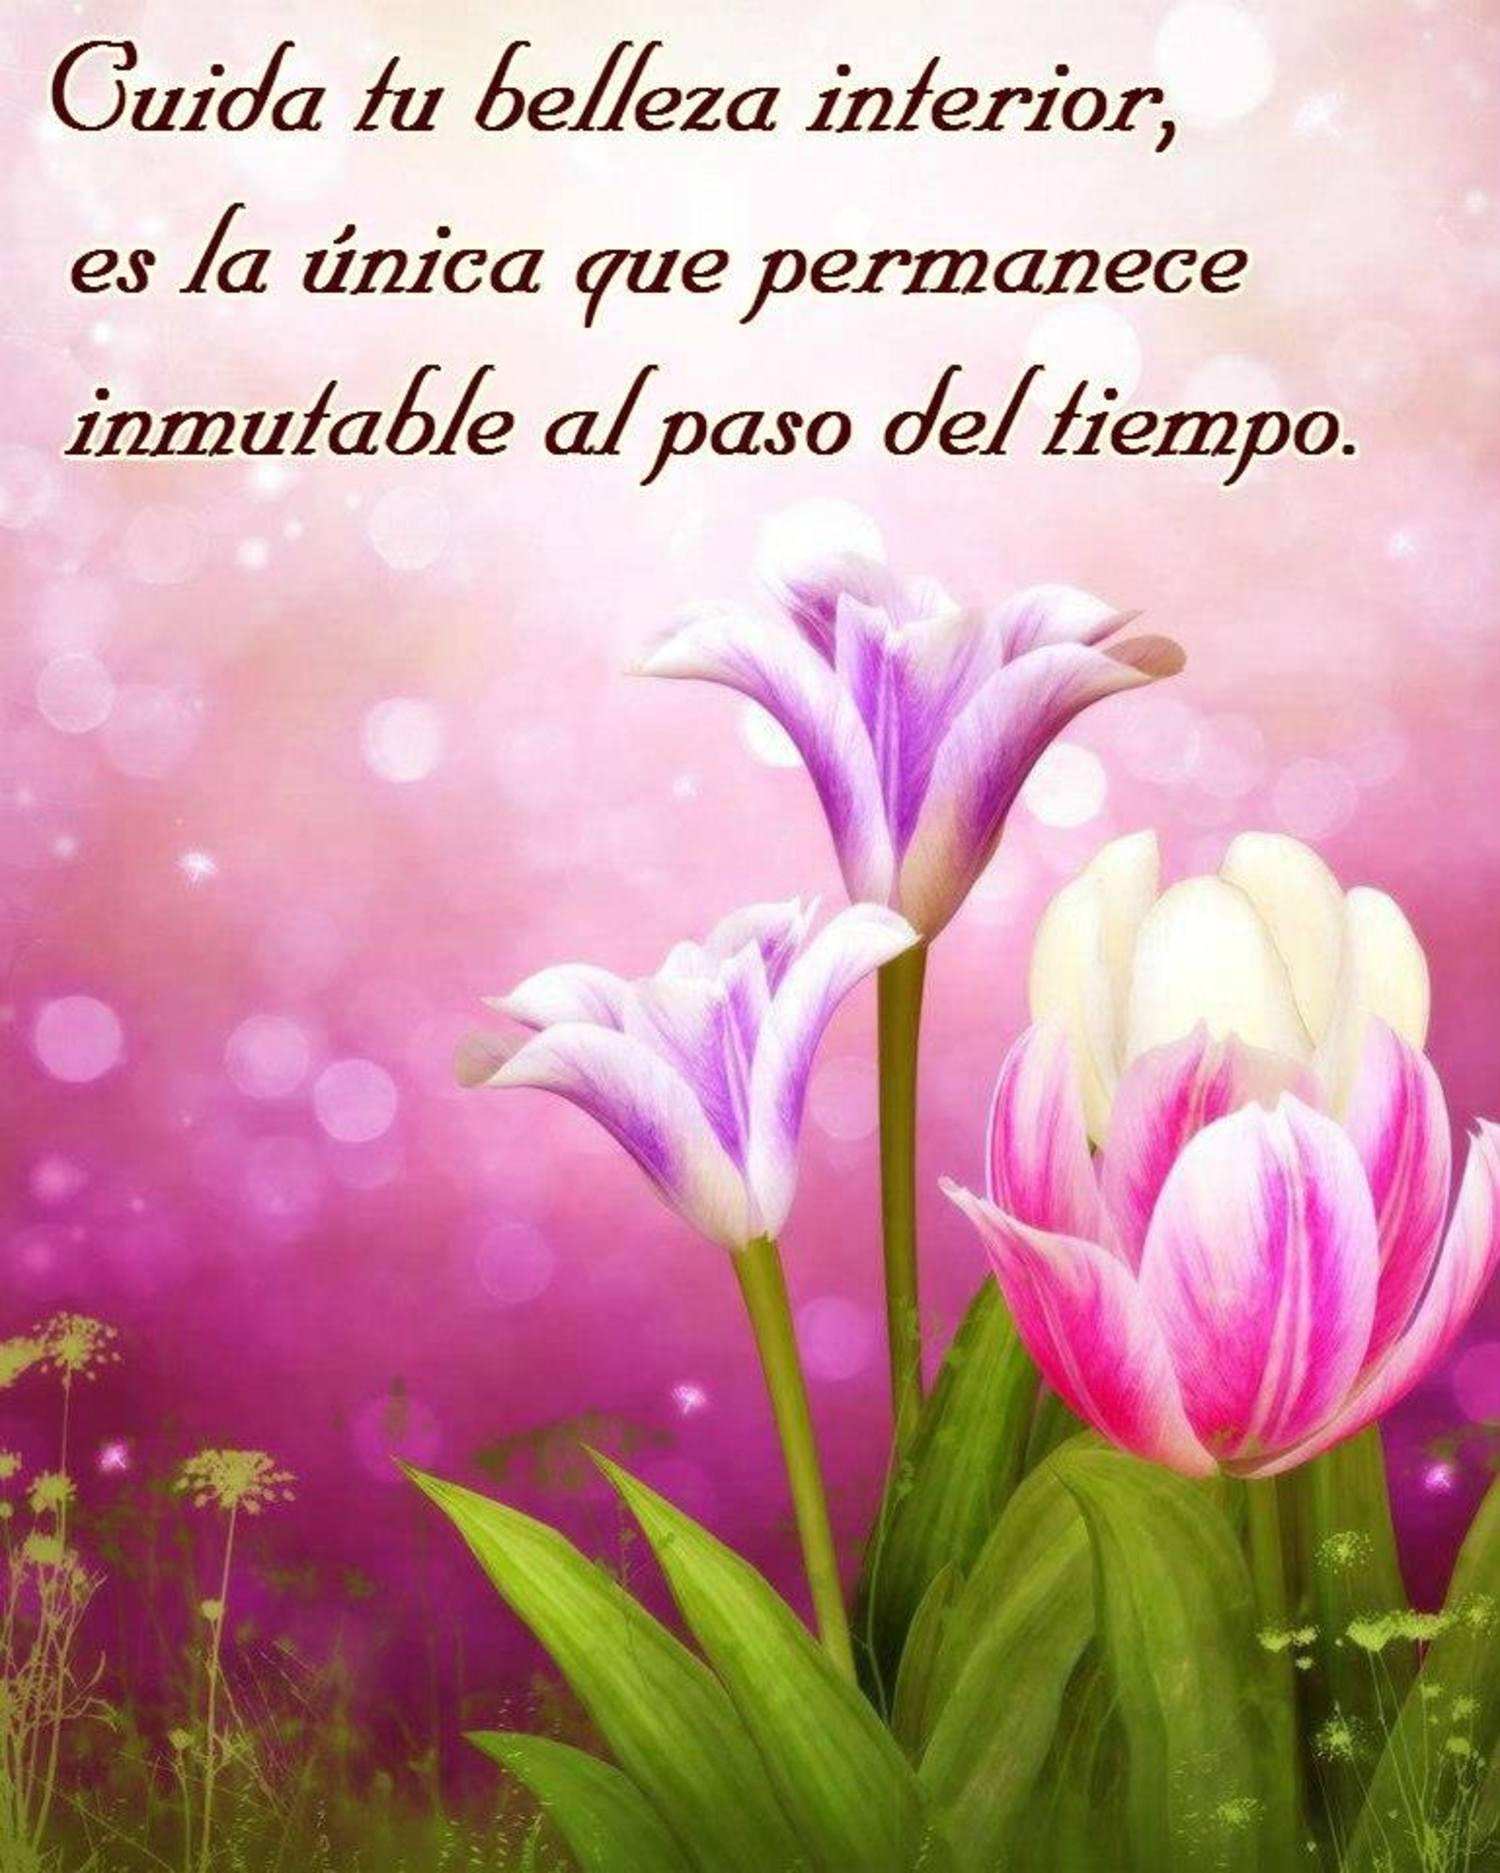 Cuida tu belleza interior, es la unica que permanece, inmutable al paso del tiempo.